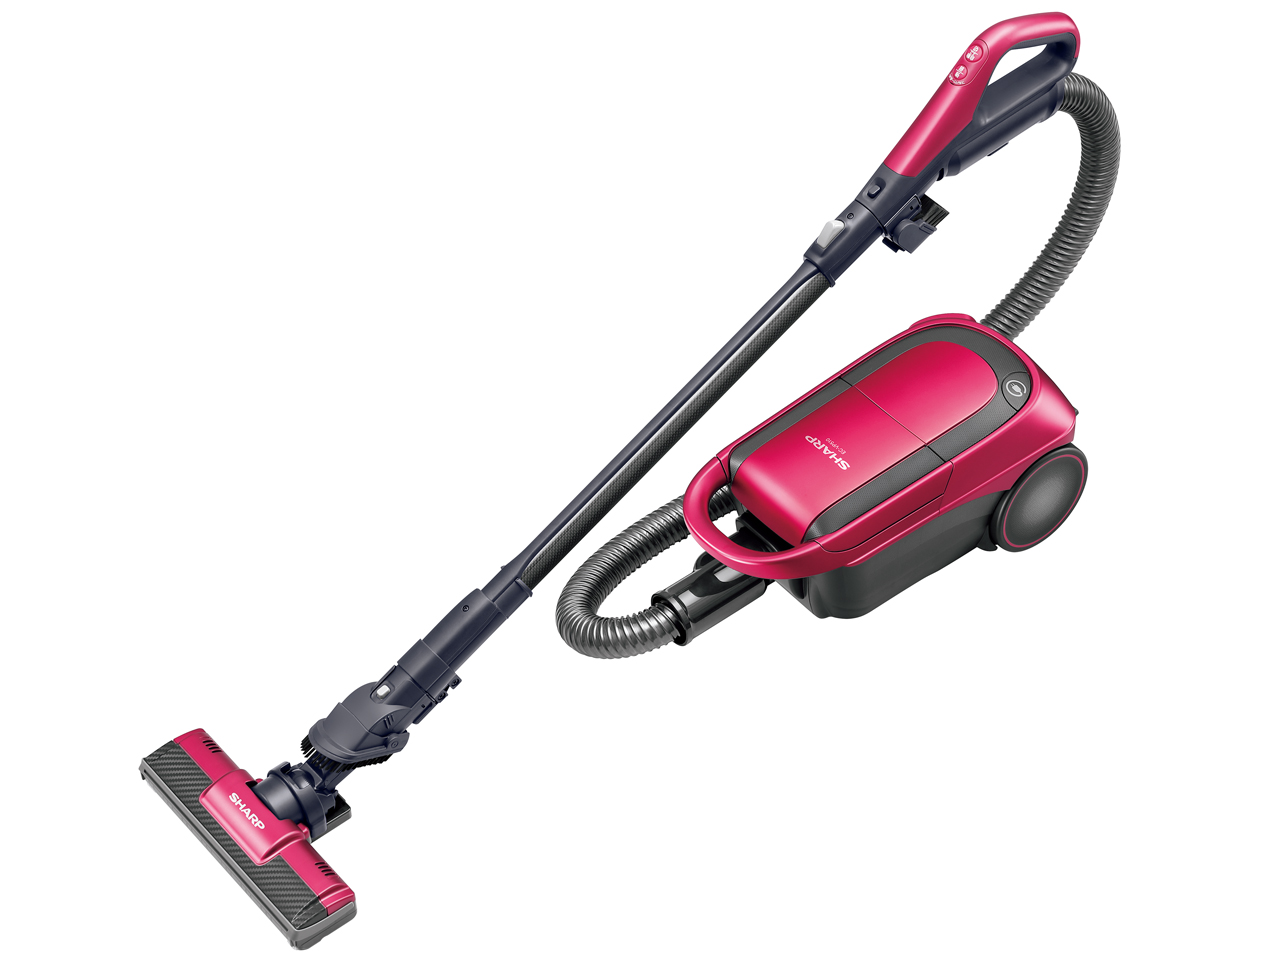 シャープ 紙パック式キャニスター掃除機 EC-VP510-P(ピンク系)